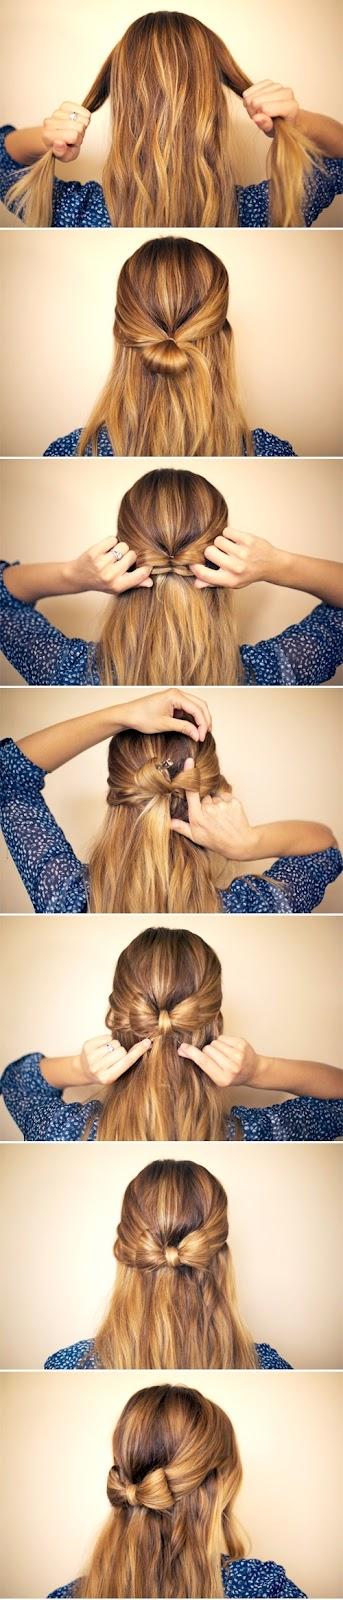 Прически на маленькие волосы своими руками